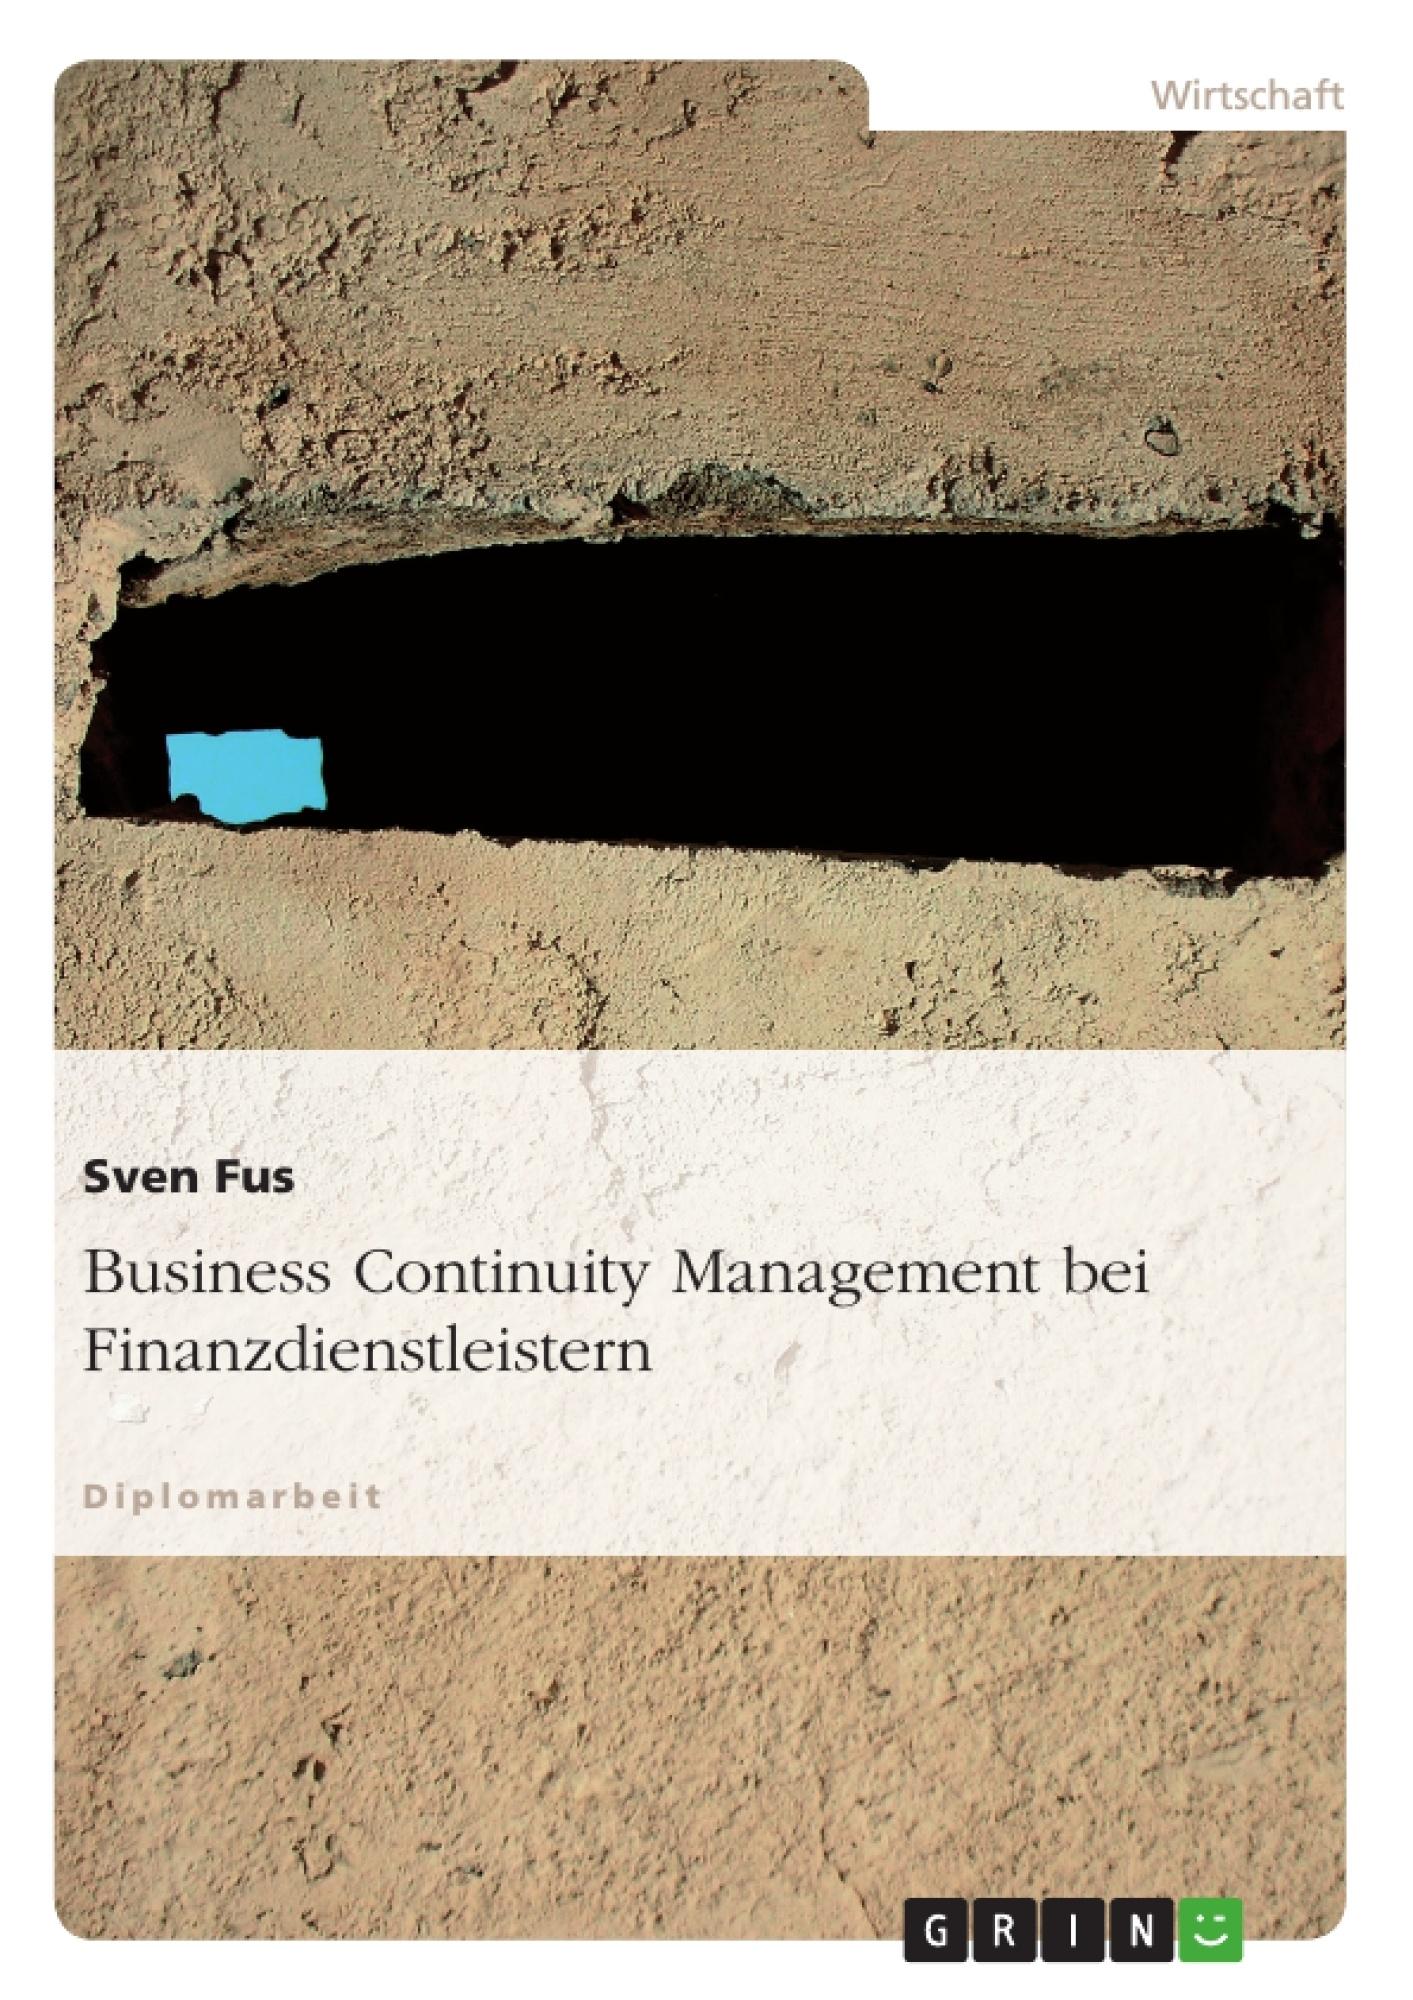 Titel: Business Continuity Management bei Finanzdienstleistern